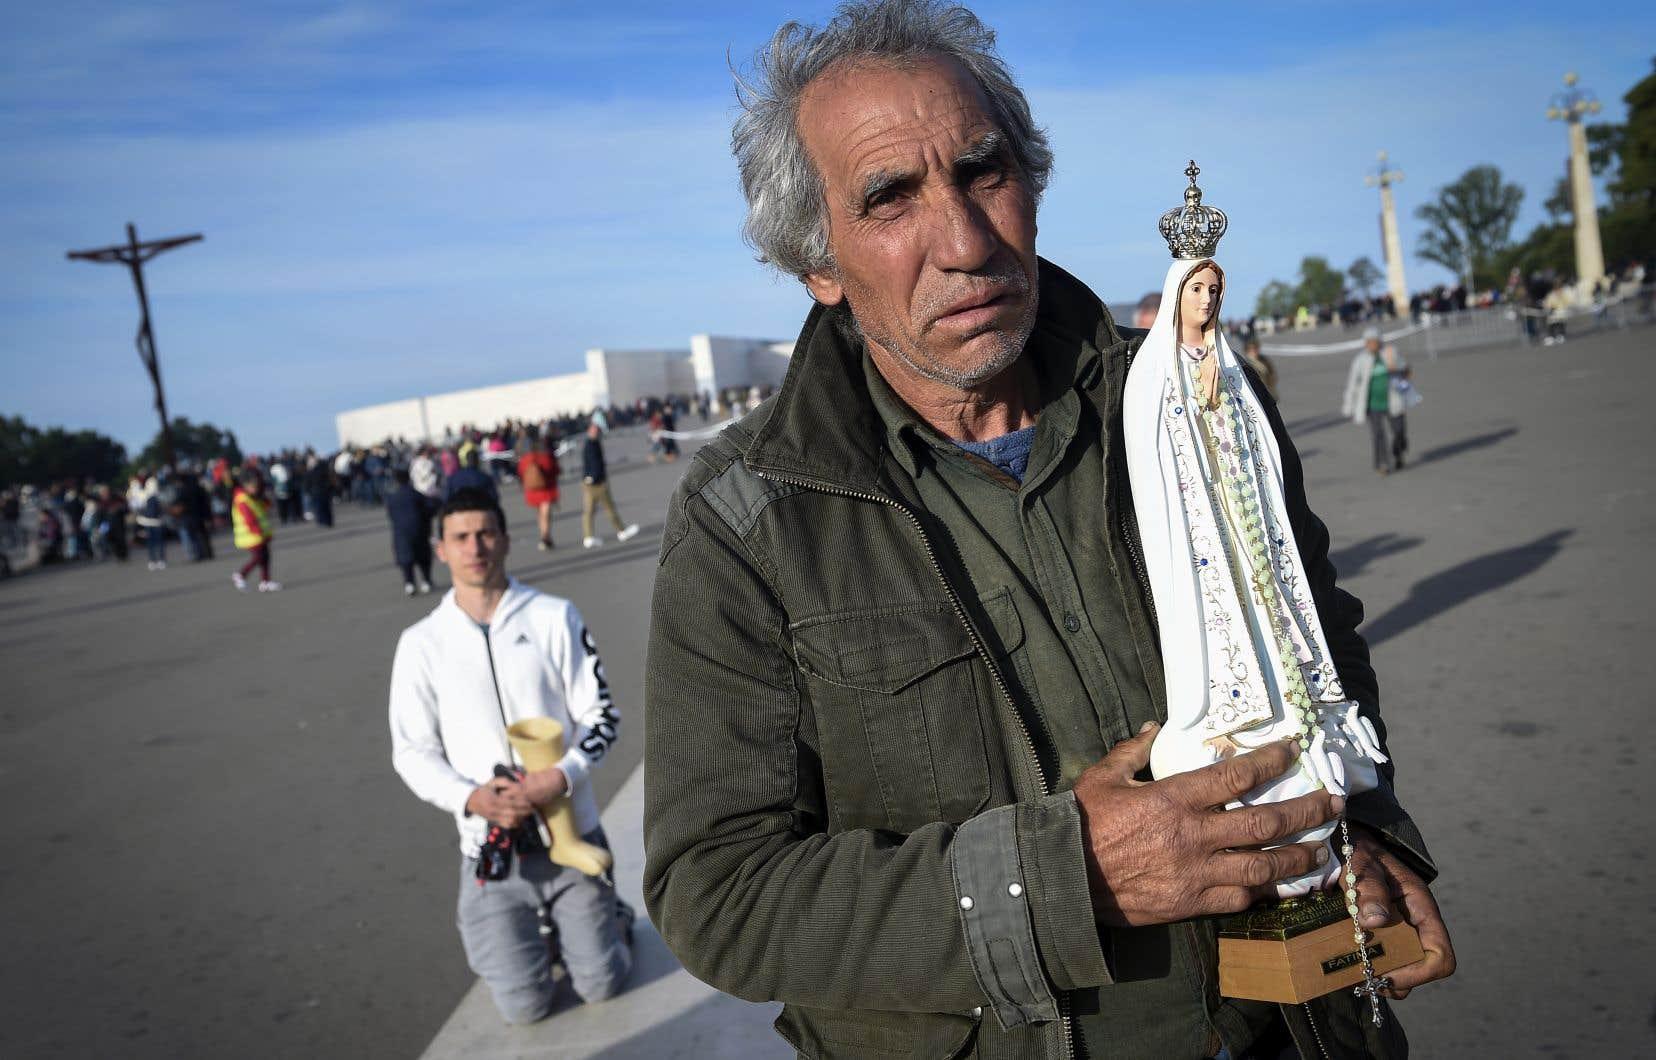 Un pèlerin transportait une statuette à l'effigie de la Vierge Marie, au sanctuaire de Notre-Dame-de-Fatima, dimanche.